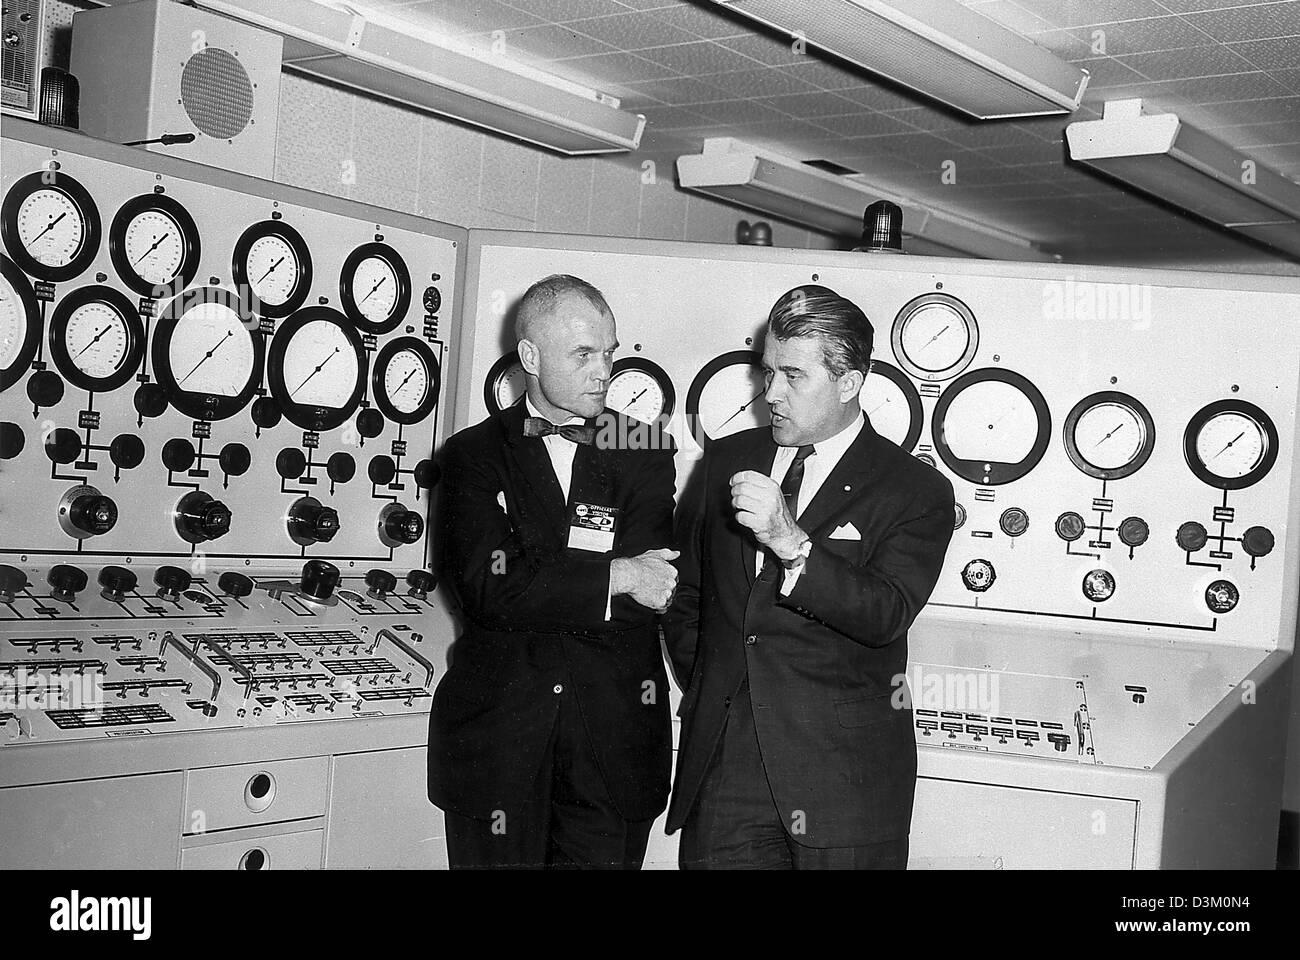 Deutsch-US-amerikanischer Raketenforscher Dr. Wernher von Braun (rechts) spricht 28. November 1962 Astronaut John Glenn am Marshall Space Flight Center in Huntsville, Alabama. Stockfoto